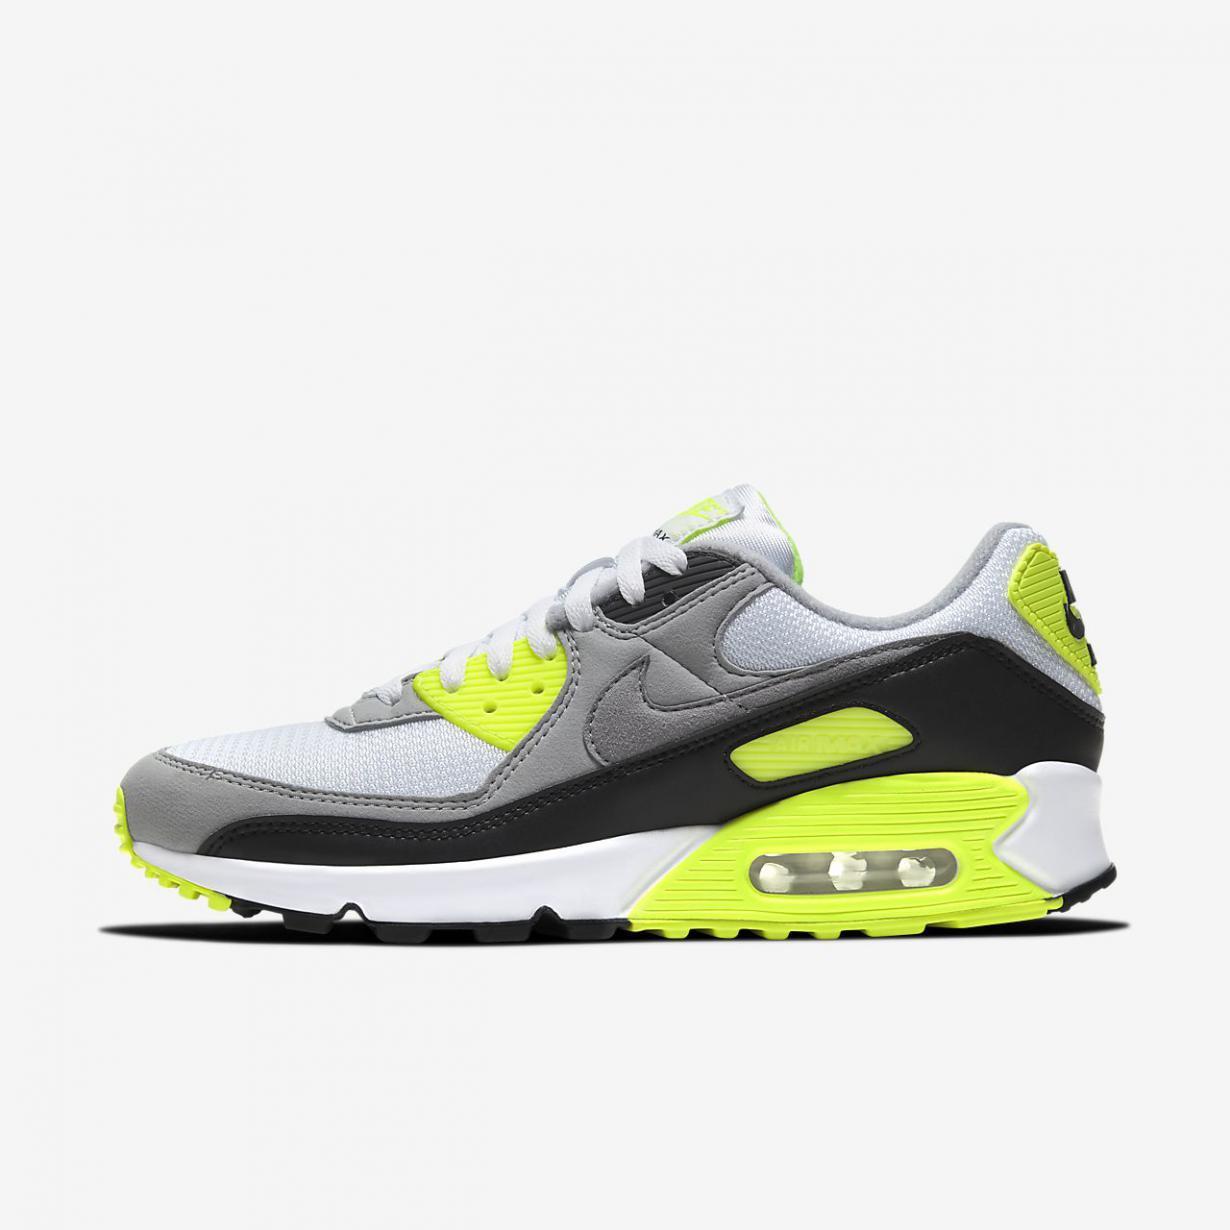 Lifestyle Homme | Air Max 90 Blanc/Volt/Noir/Gris particule | Nike ...